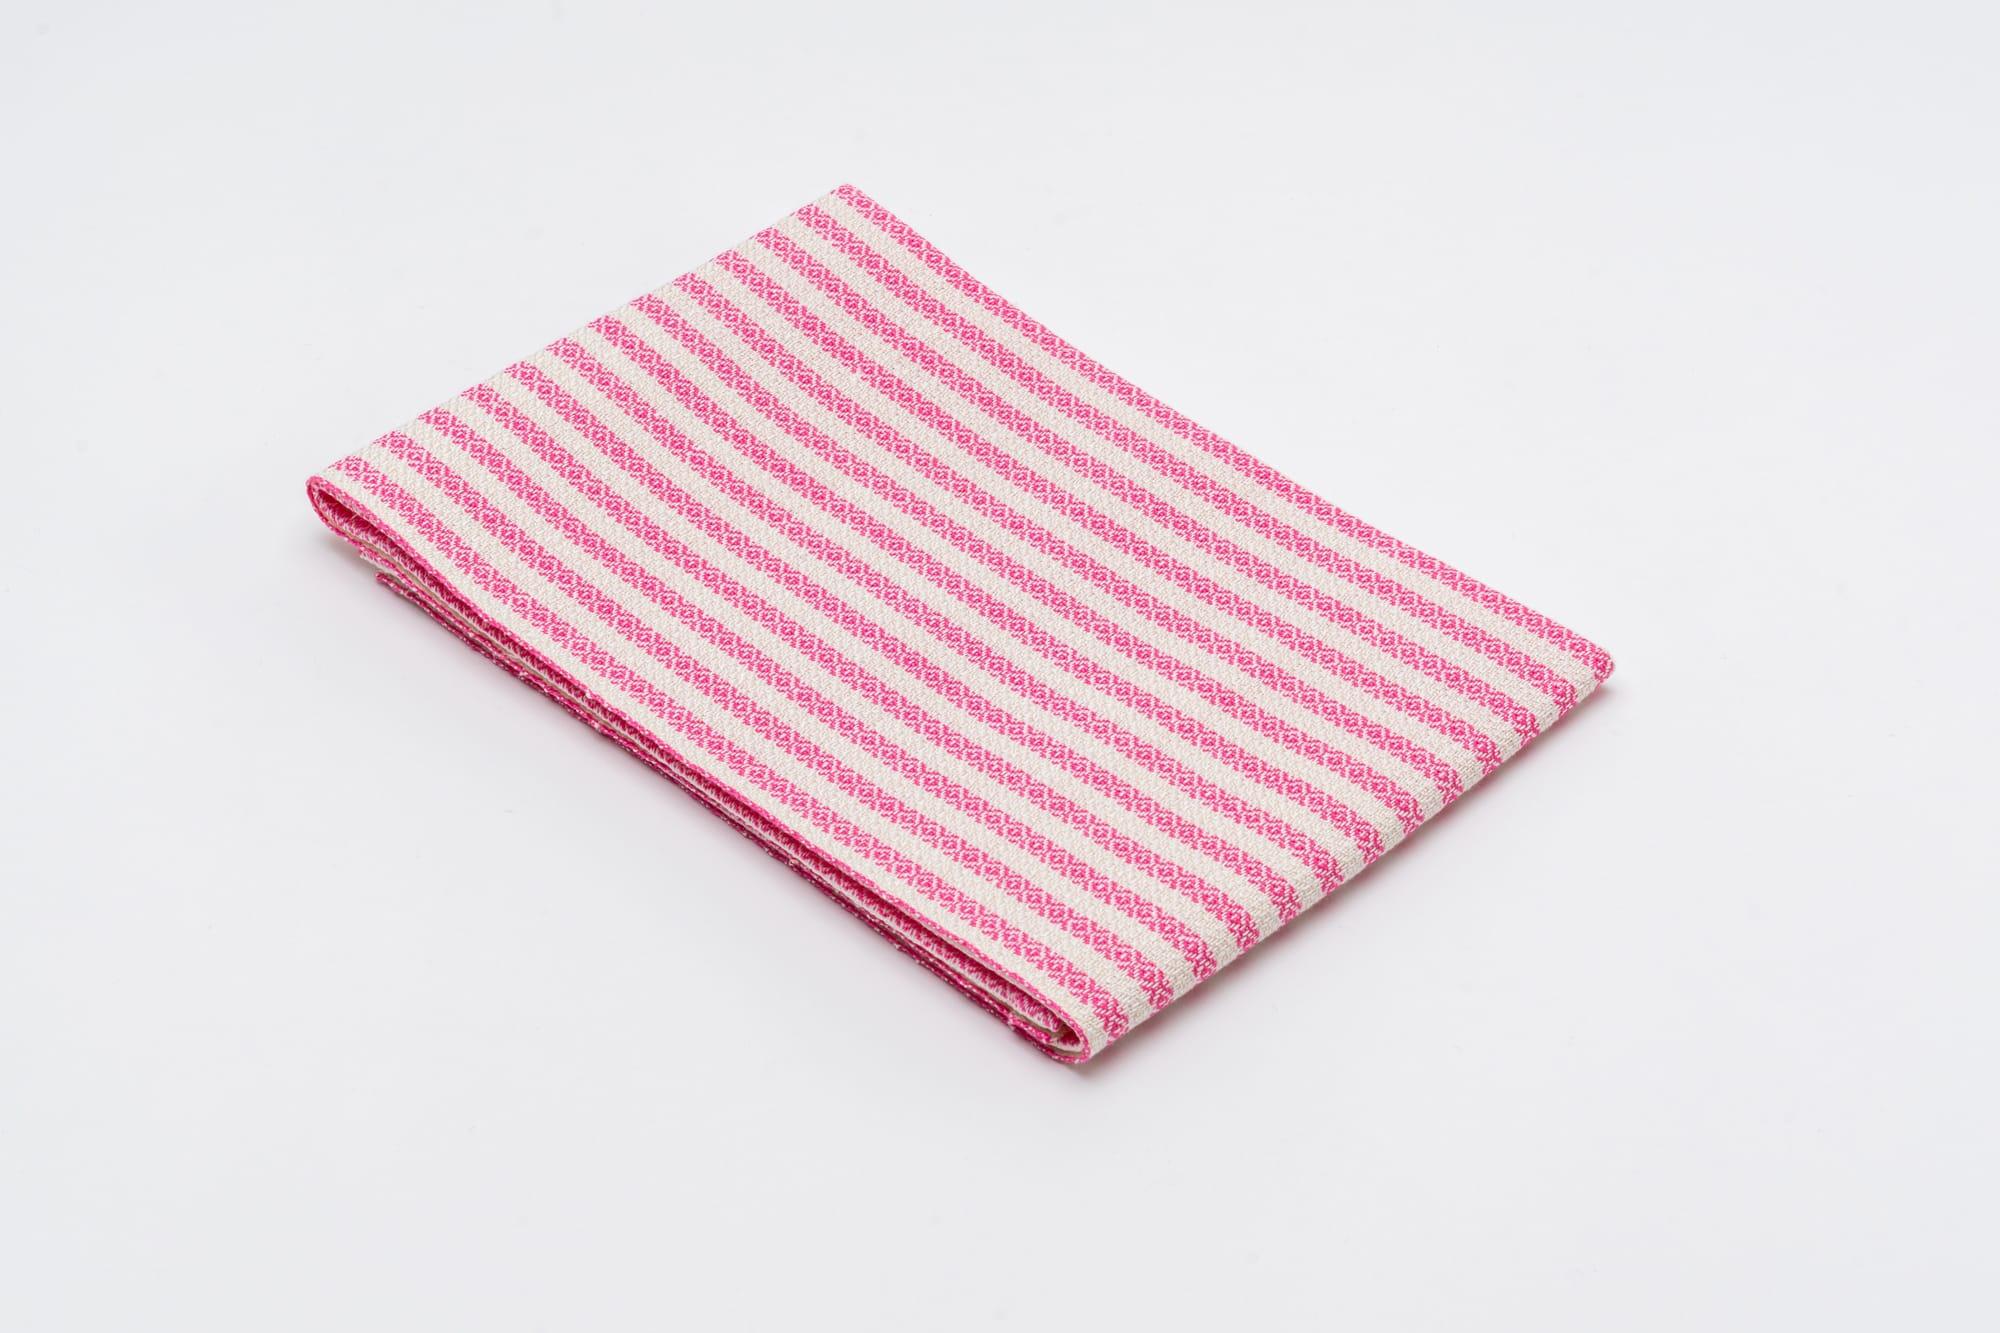 Grischun_weiss pink_gefaltet